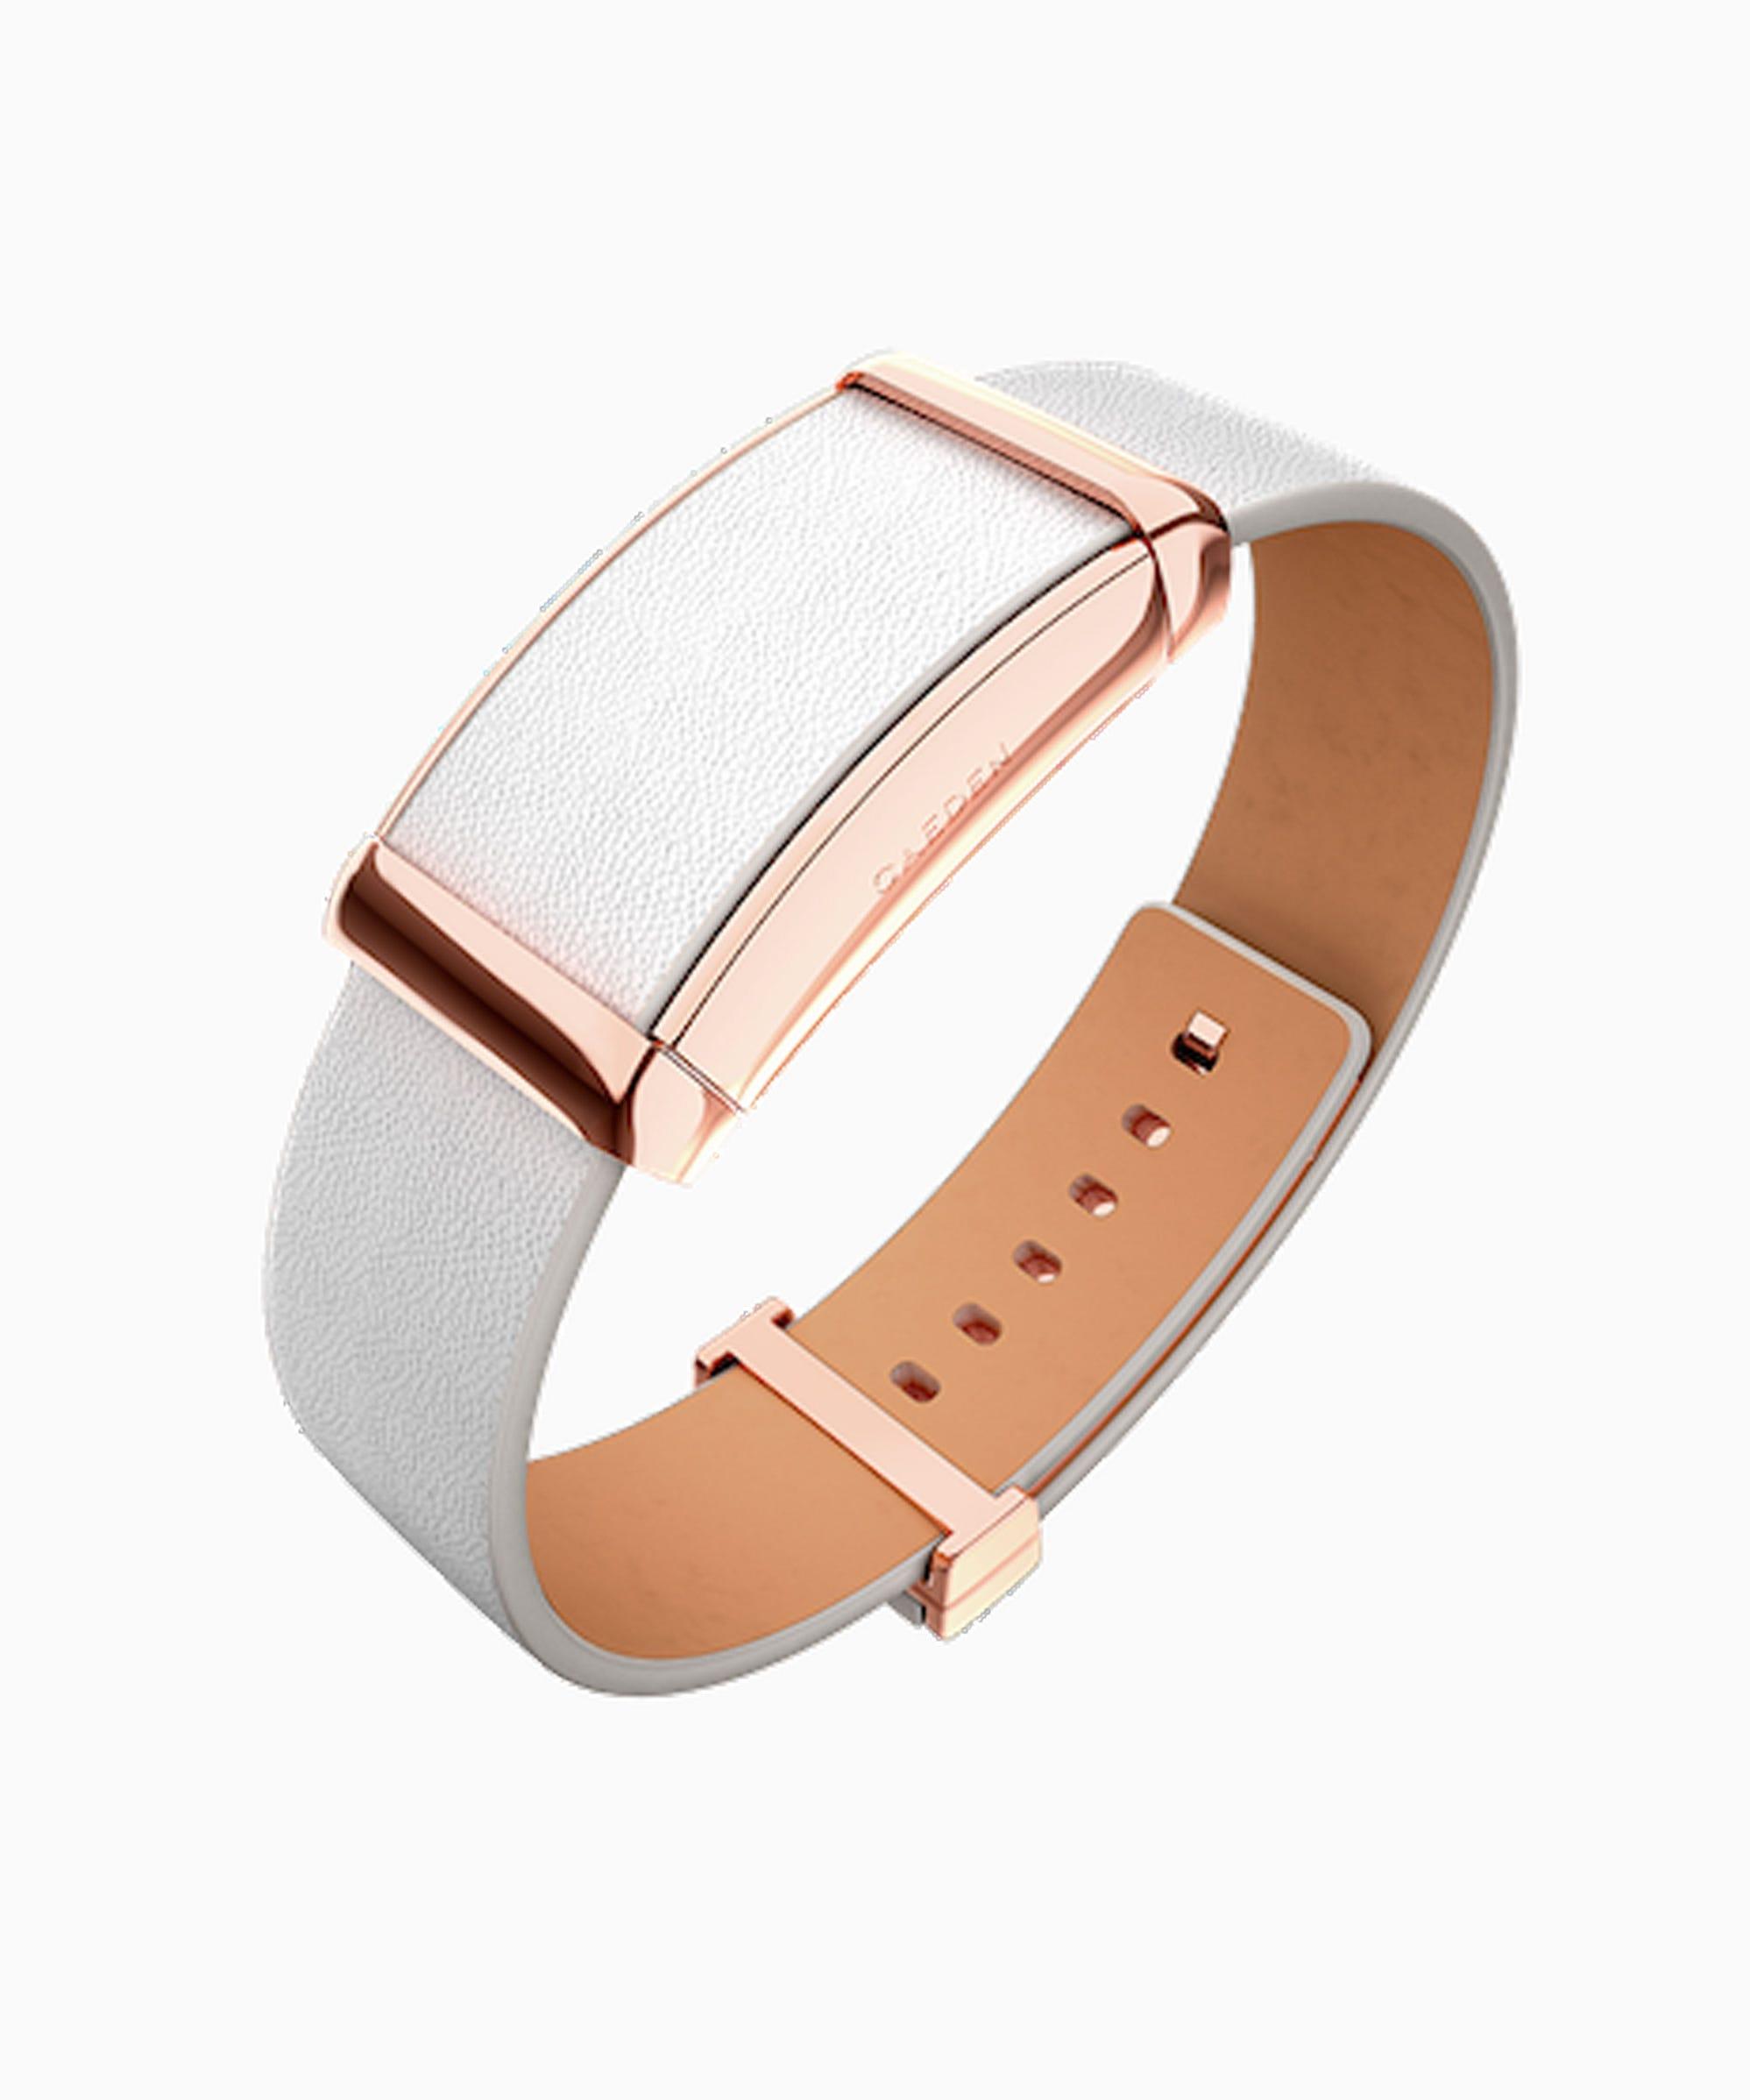 58e747b1c615 review michael kors fitness tracker grayson handtasche brown ...